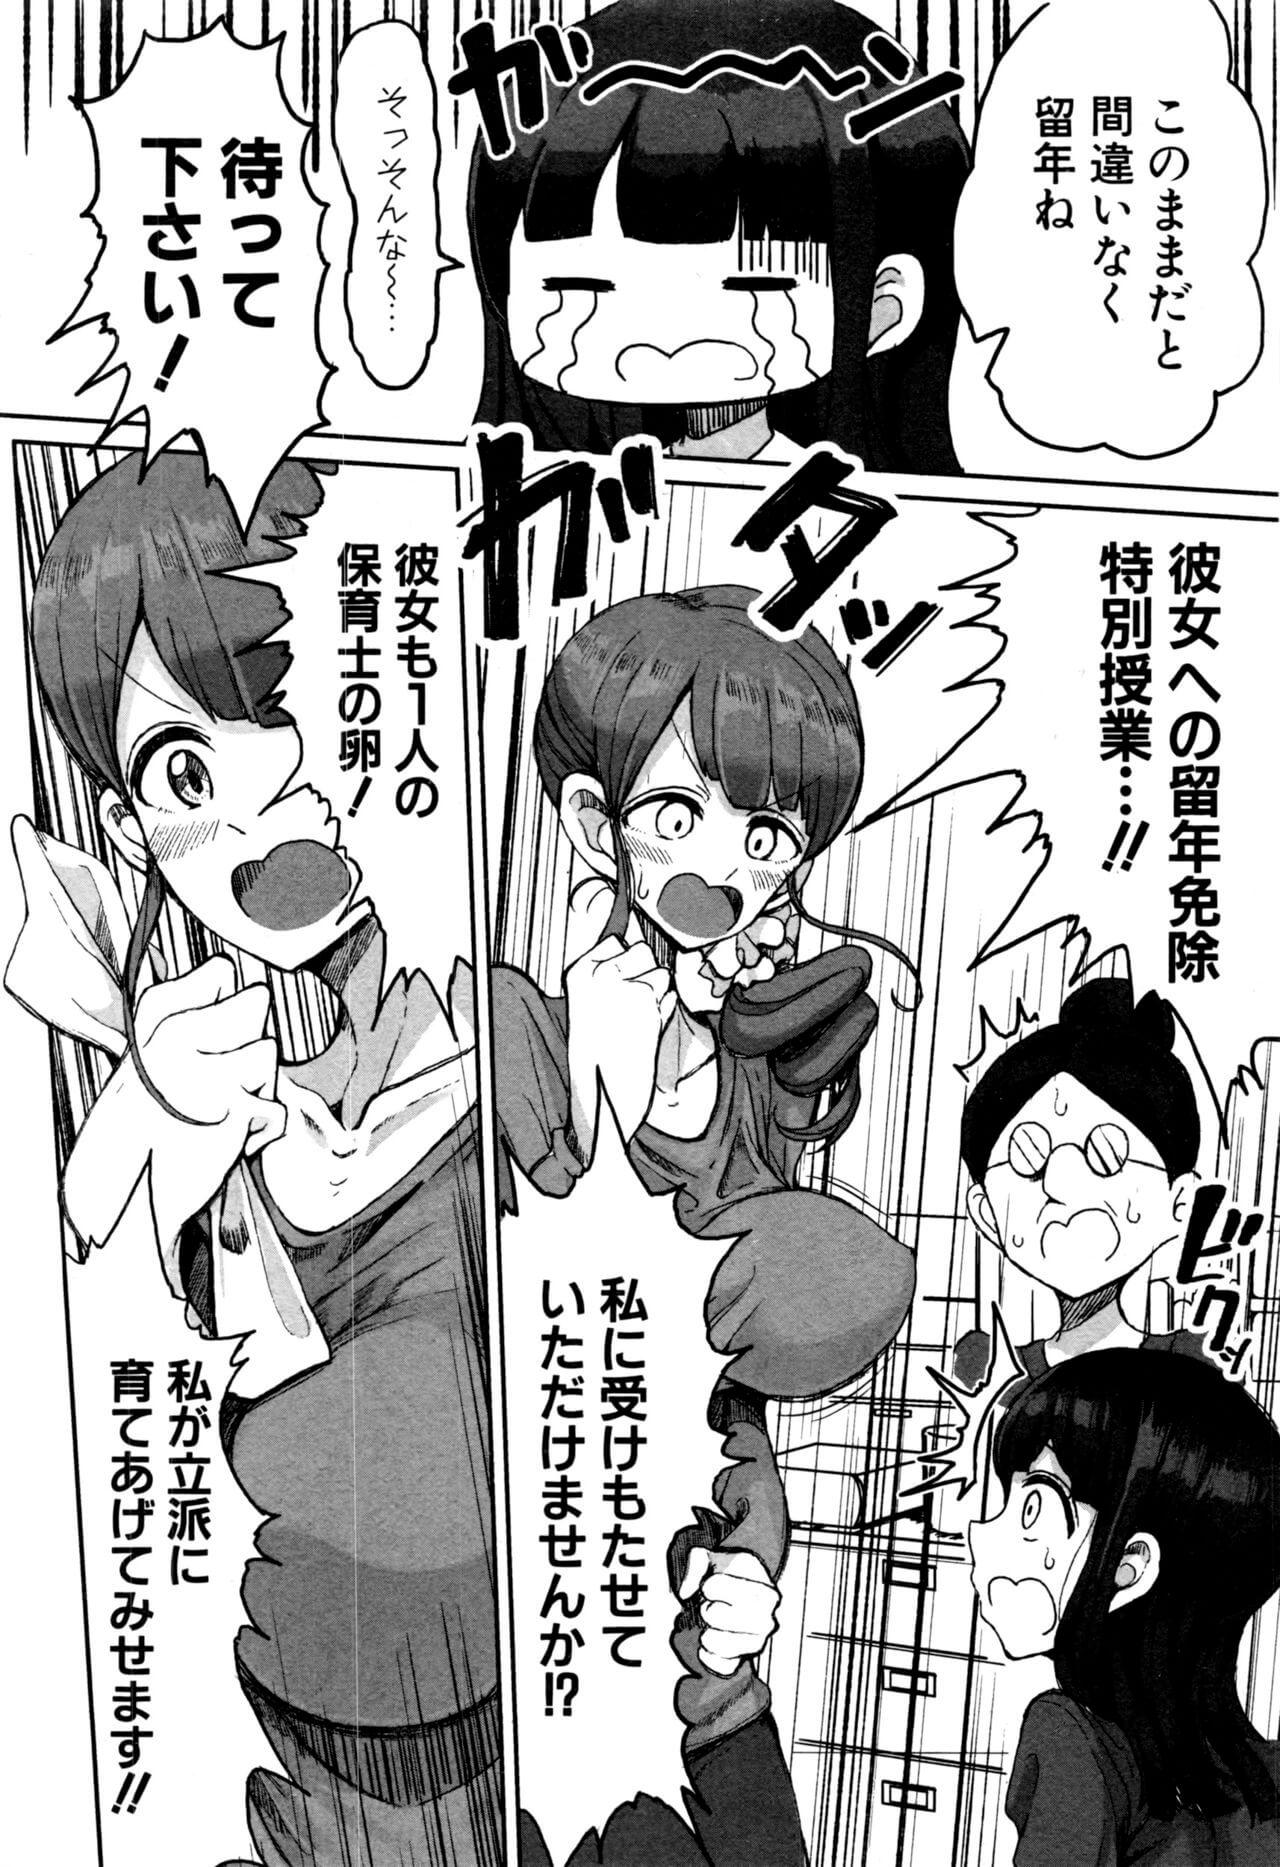 【エロ漫画】巨乳の制服JKが留年免除のための先生のフル勃起のおちんぽ手コキにフェラw【無料 エロ同人】